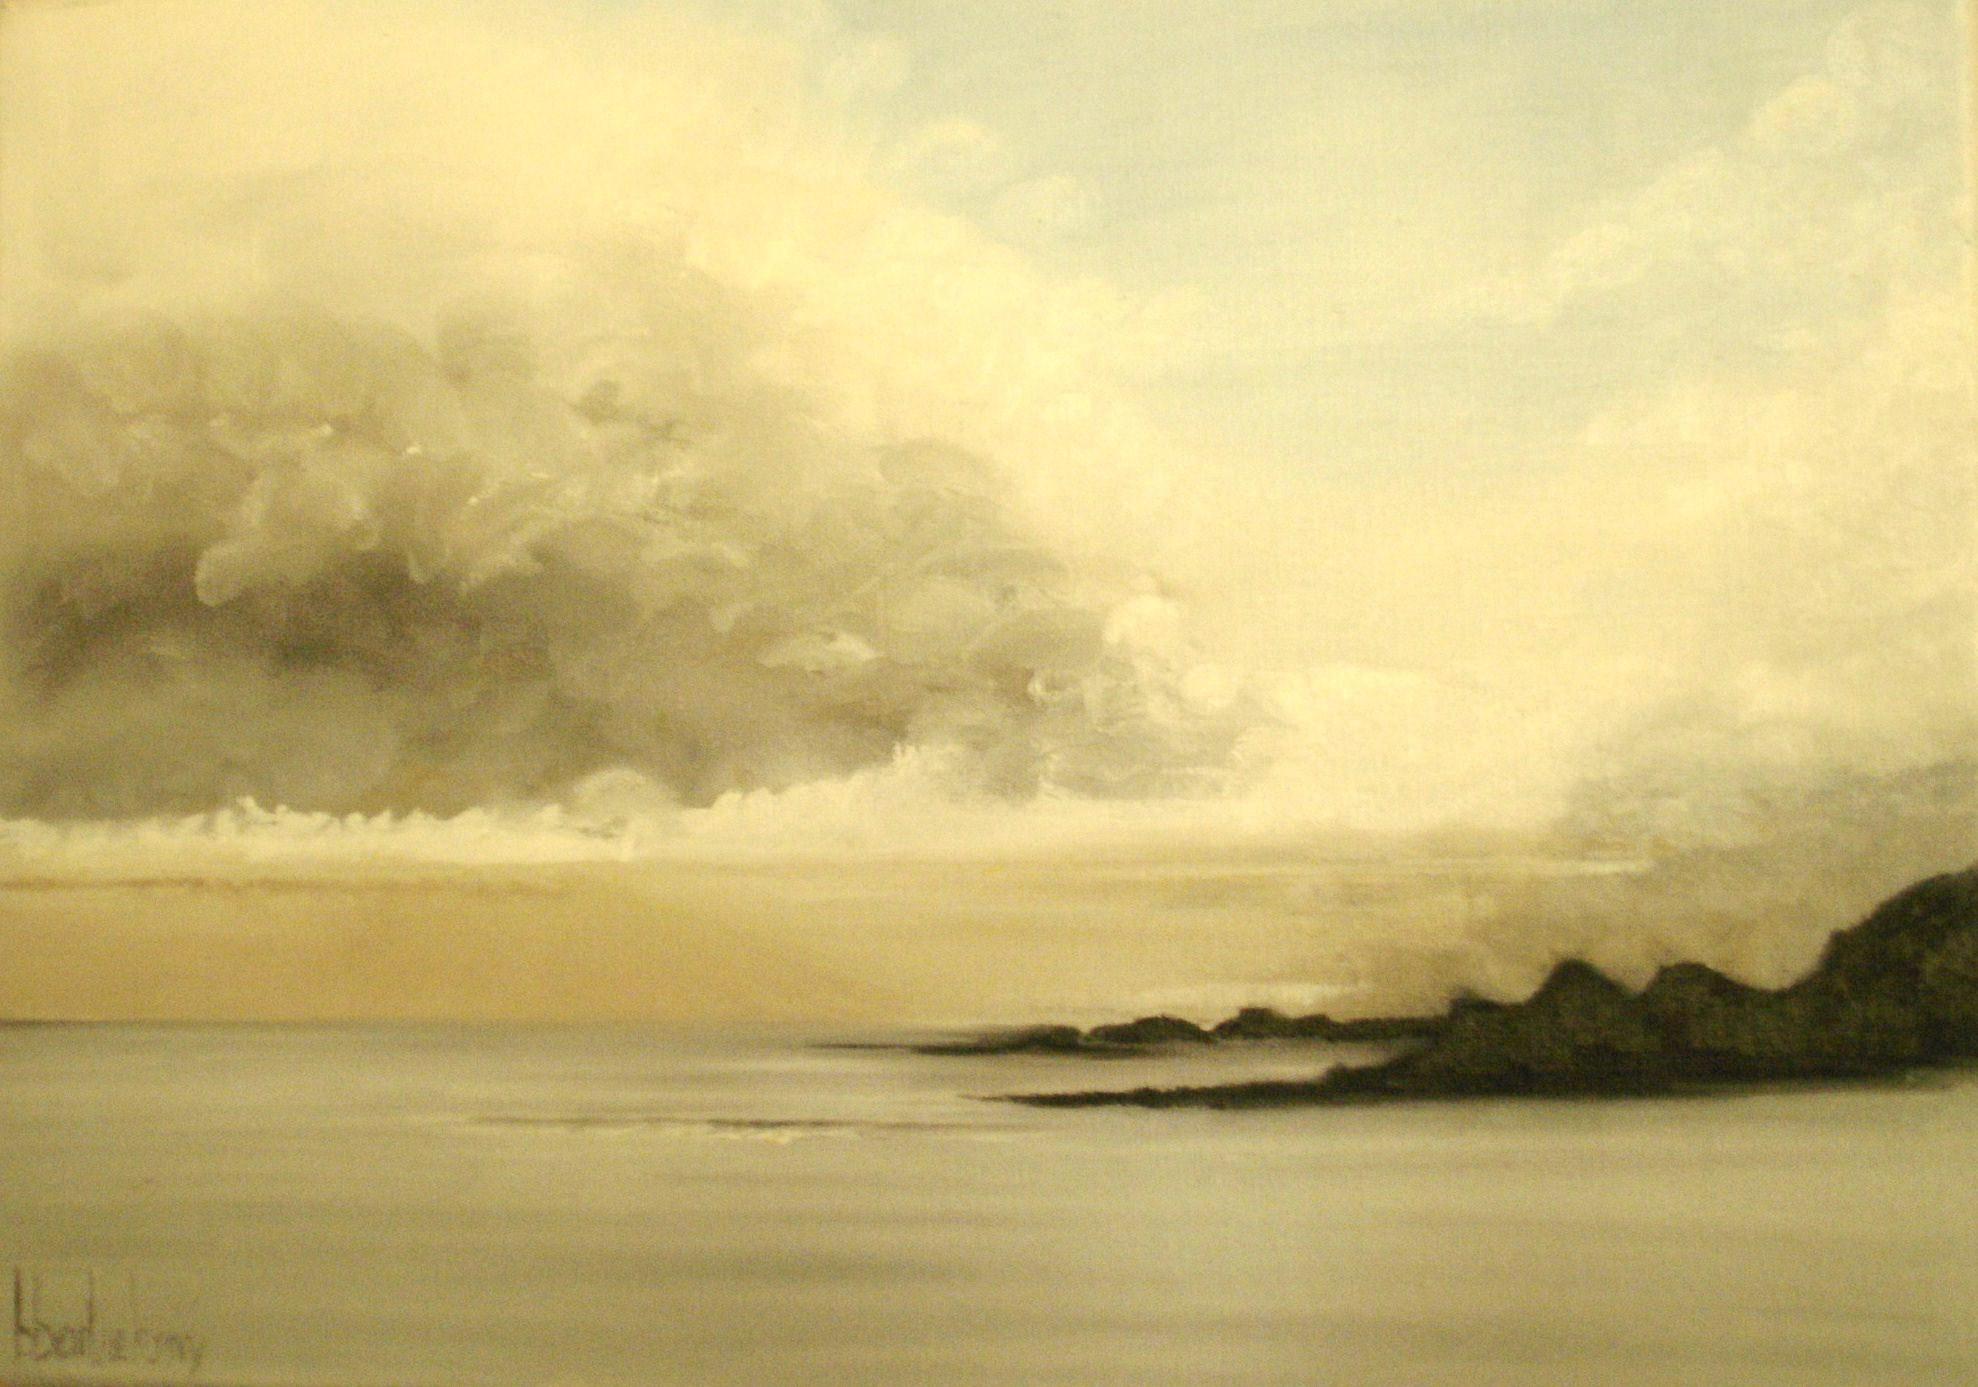 Ciel d'orage sur océan